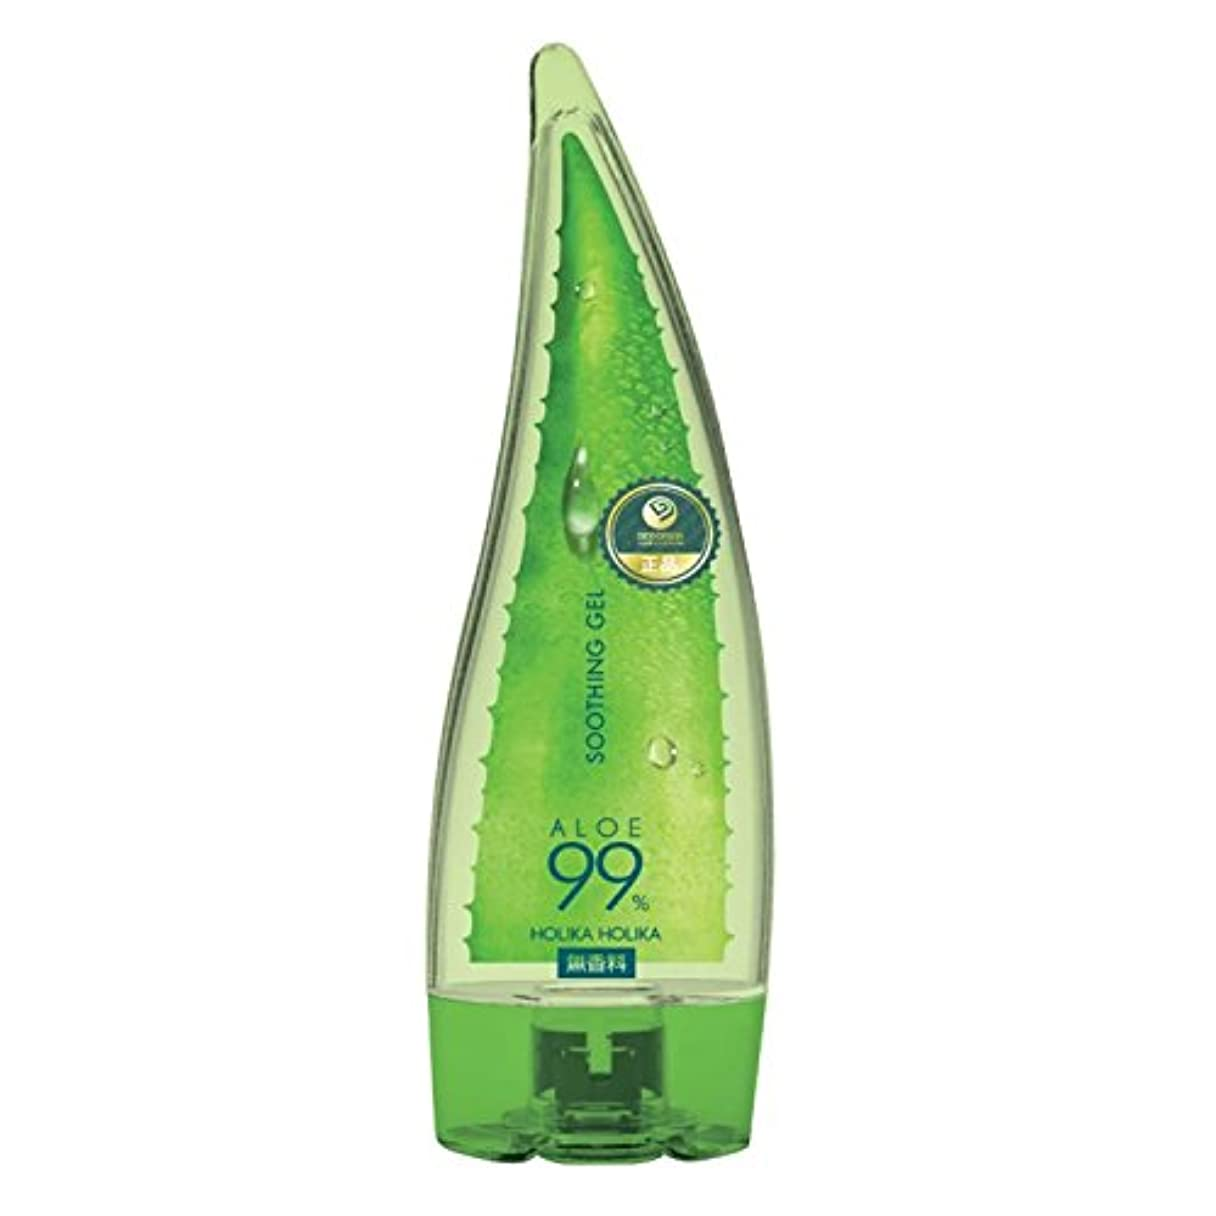 疑い影響力のある環境に優しいホリカホリカ アロエ99%スージングジェル 無香料 250mL